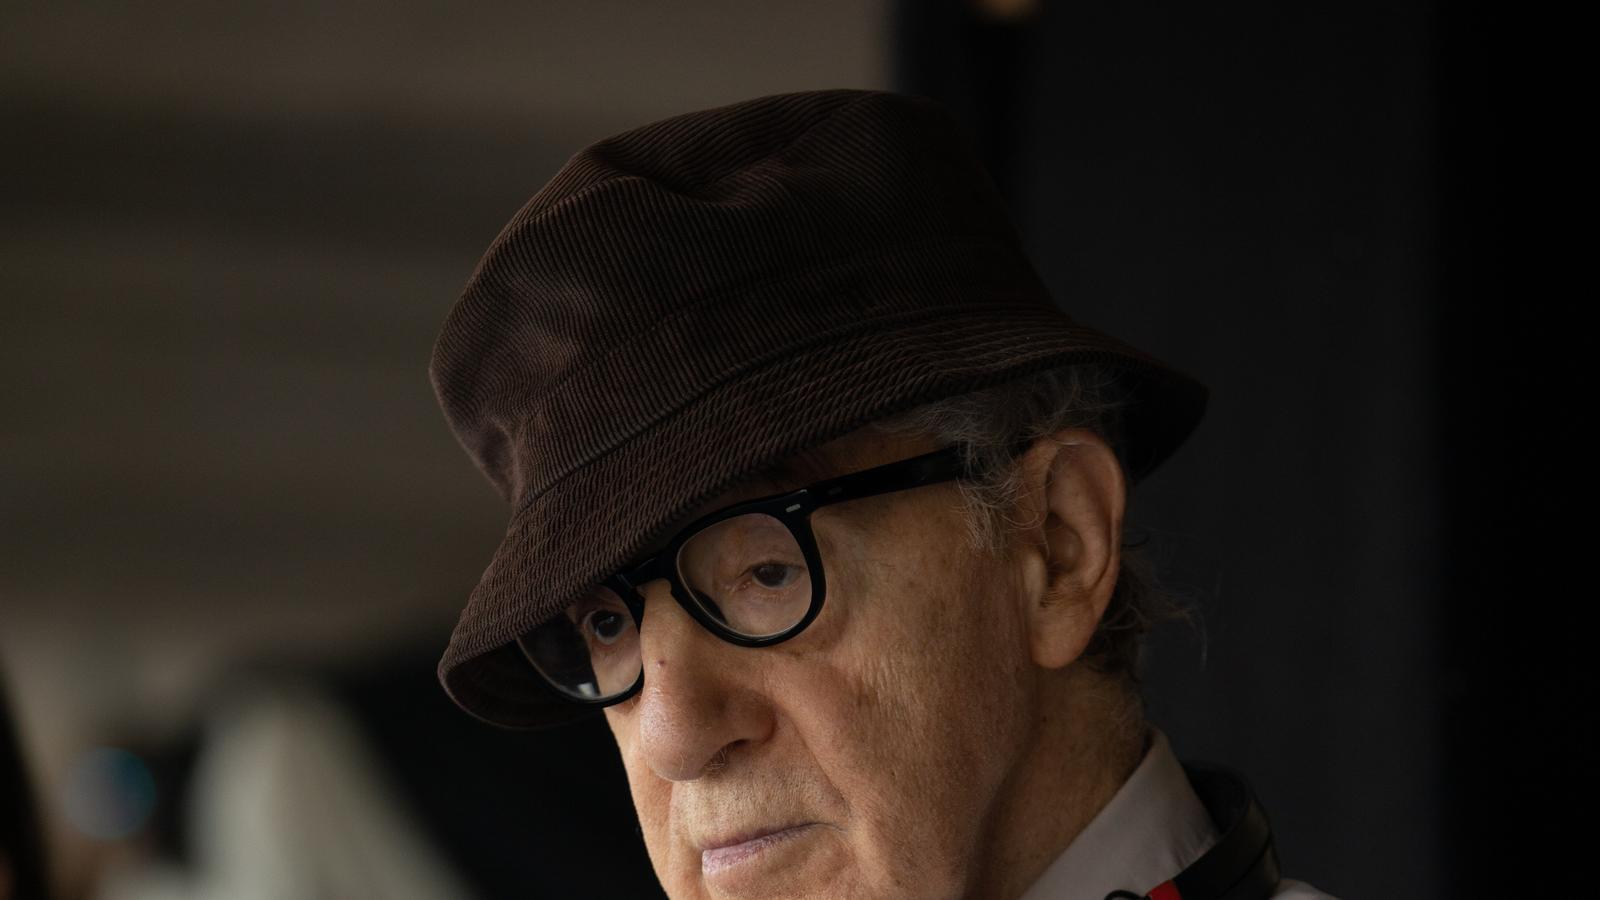 """Woody Allen: """"No em penedeixo d'haver fitxat Donald Trump com a actor, tant de bo seguís fent pel·lícules"""""""